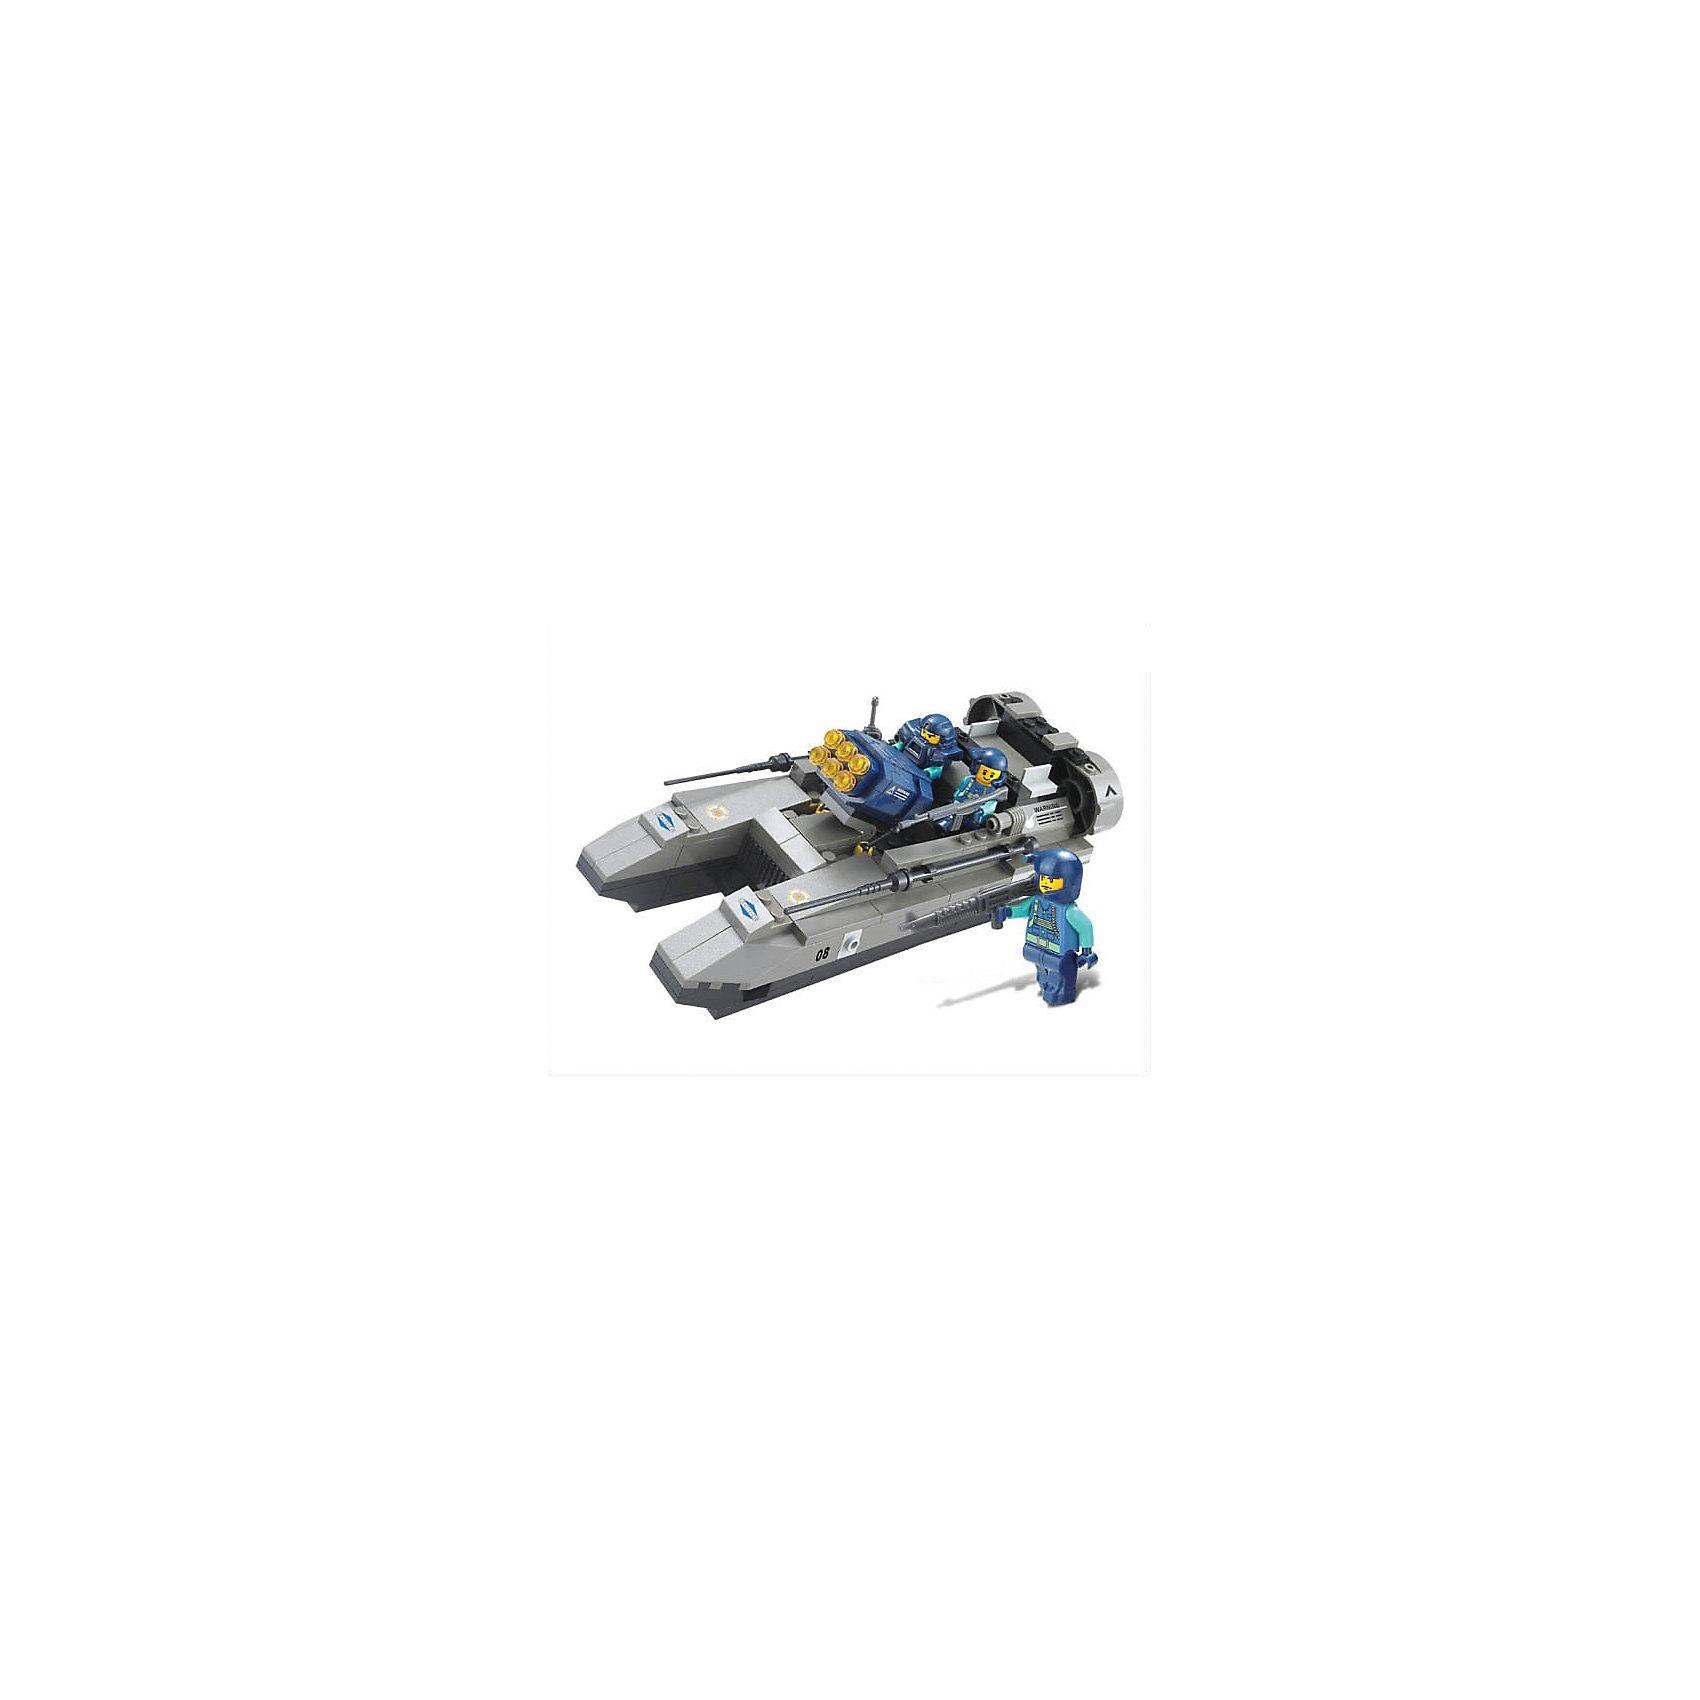 Конструктор Военный спецназ: Лодка на воздушной подушке с ракетной установкой, 164 детали, SlubanКонструктор Военный спецназ: Лодка на воздушной подушке с ракетной установкой, 164 детали, Sluban  (Слубан)<br><br>Характеристики:<br><br>• возраст: от 6 лет<br>• реалистичный катер<br>• мини-фигурки в комплекте<br>• количество деталей: 164<br>• материал: пластик<br>• размер упаковки: 4,5х20х28 см<br>• вес: 470 грамм<br><br>С конструктором Sluban ребенок сможет придумать самые разнообразные игры. Собрав все детали, ребенок получит довольно реалистичный штурмовой катер. В комплект входят три фигурки. Эти профессионалы точно справятся с нанесением мощных ударов!<br><br>Конструктор Военный спецназ: Лодка на воздушной подушке с ракетной установкой, 164 детали, Sluban (Слубан)  можно купить в нашем интернет-магазине.<br><br>Ширина мм: 280<br>Глубина мм: 200<br>Высота мм: 45<br>Вес г: 470<br>Возраст от месяцев: 72<br>Возраст до месяцев: 2147483647<br>Пол: Мужской<br>Возраст: Детский<br>SKU: 5453690